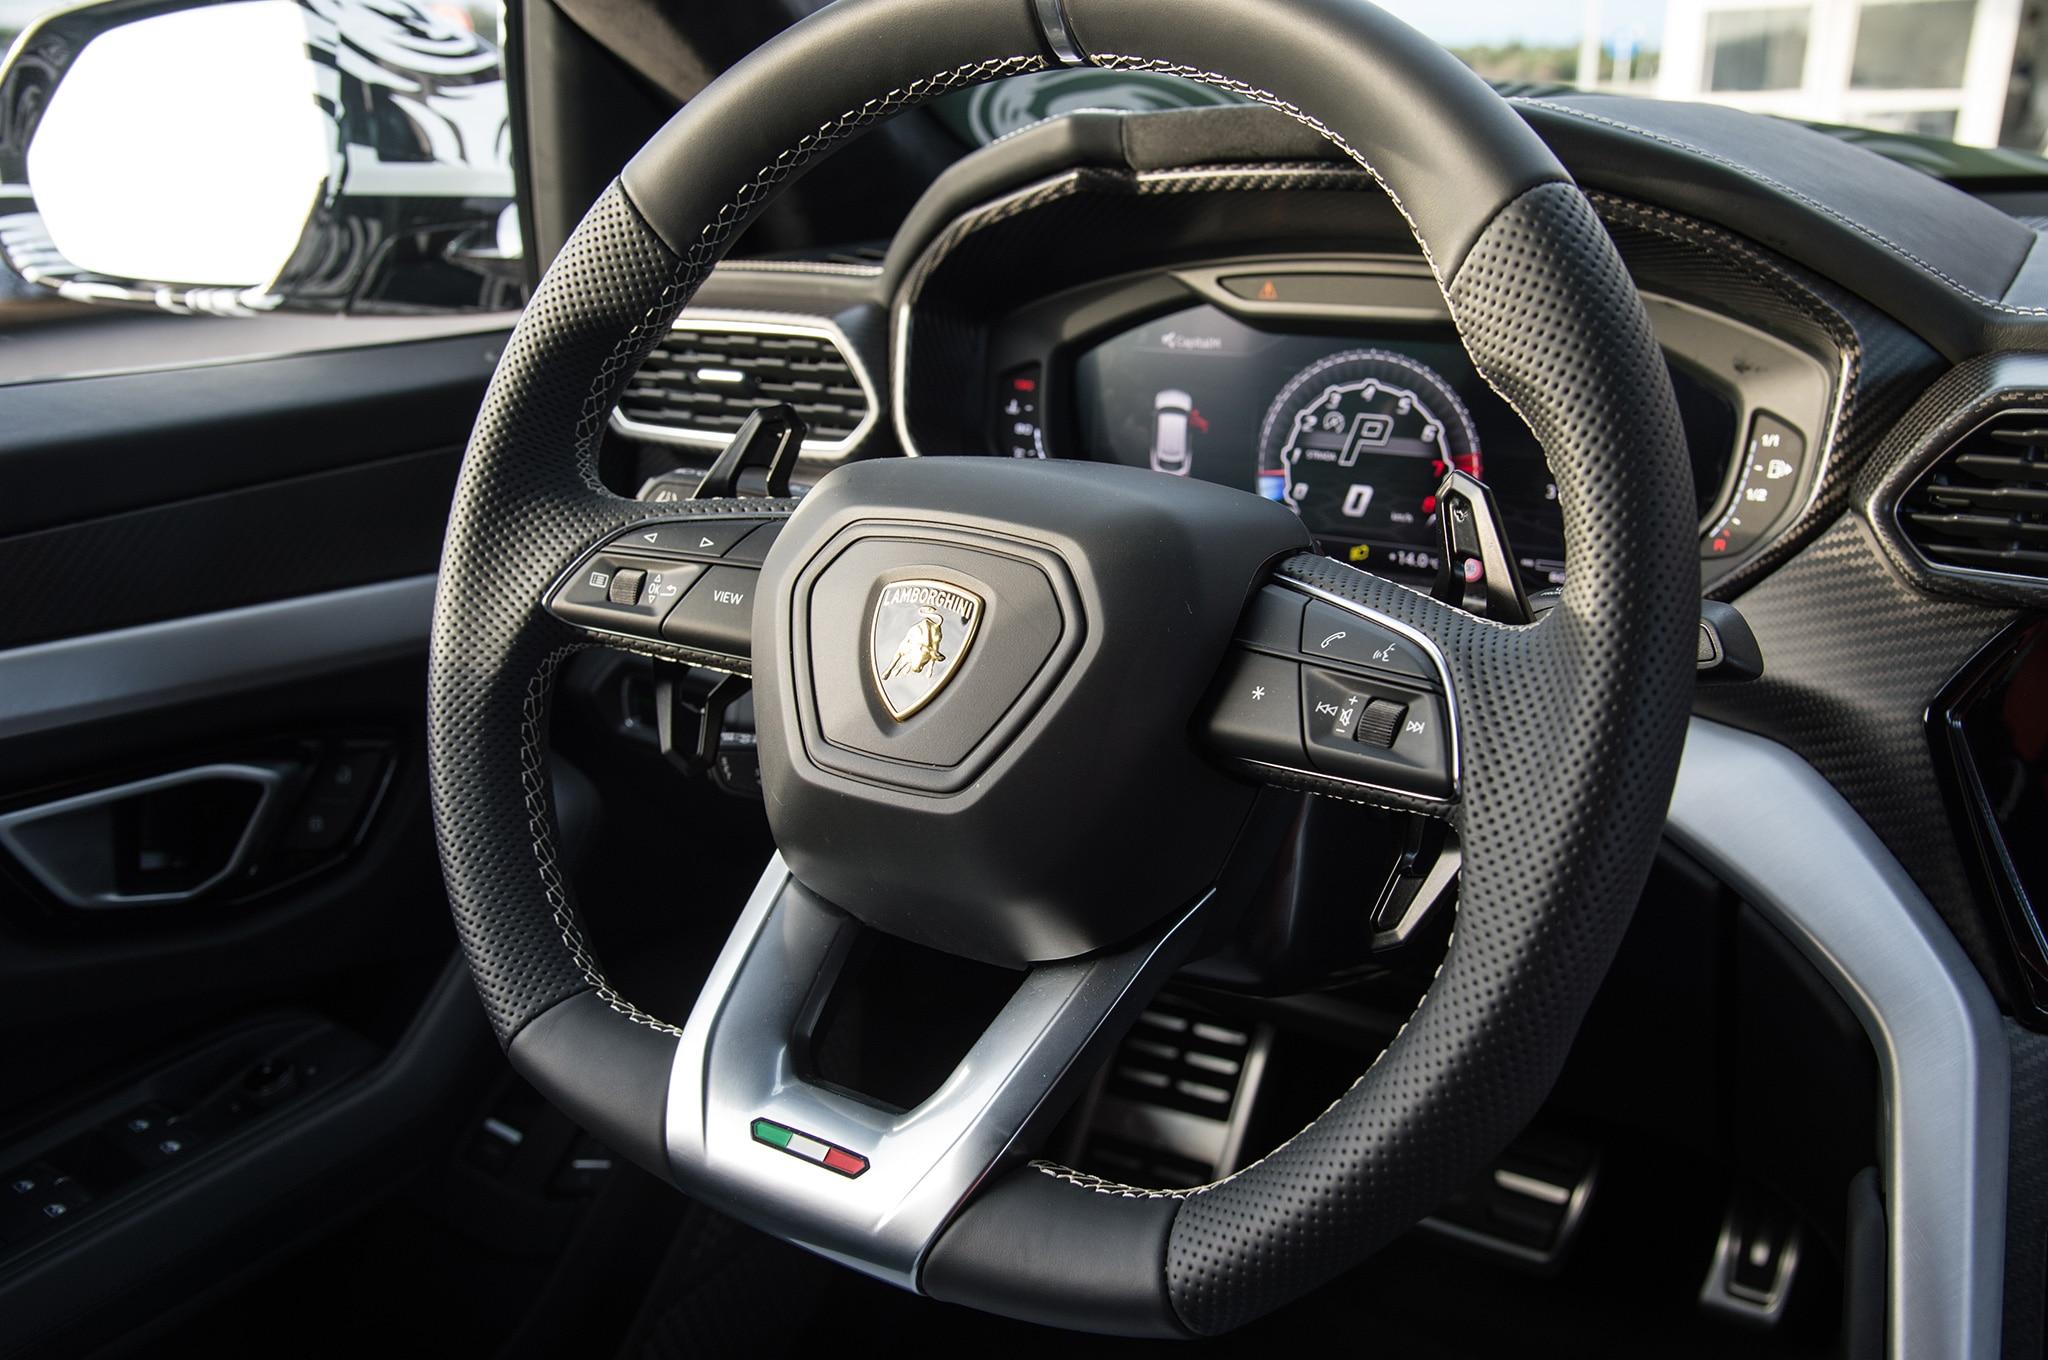 2019 Lamborghini Urus Interior Steering Wheel Motor Trend En Espanol